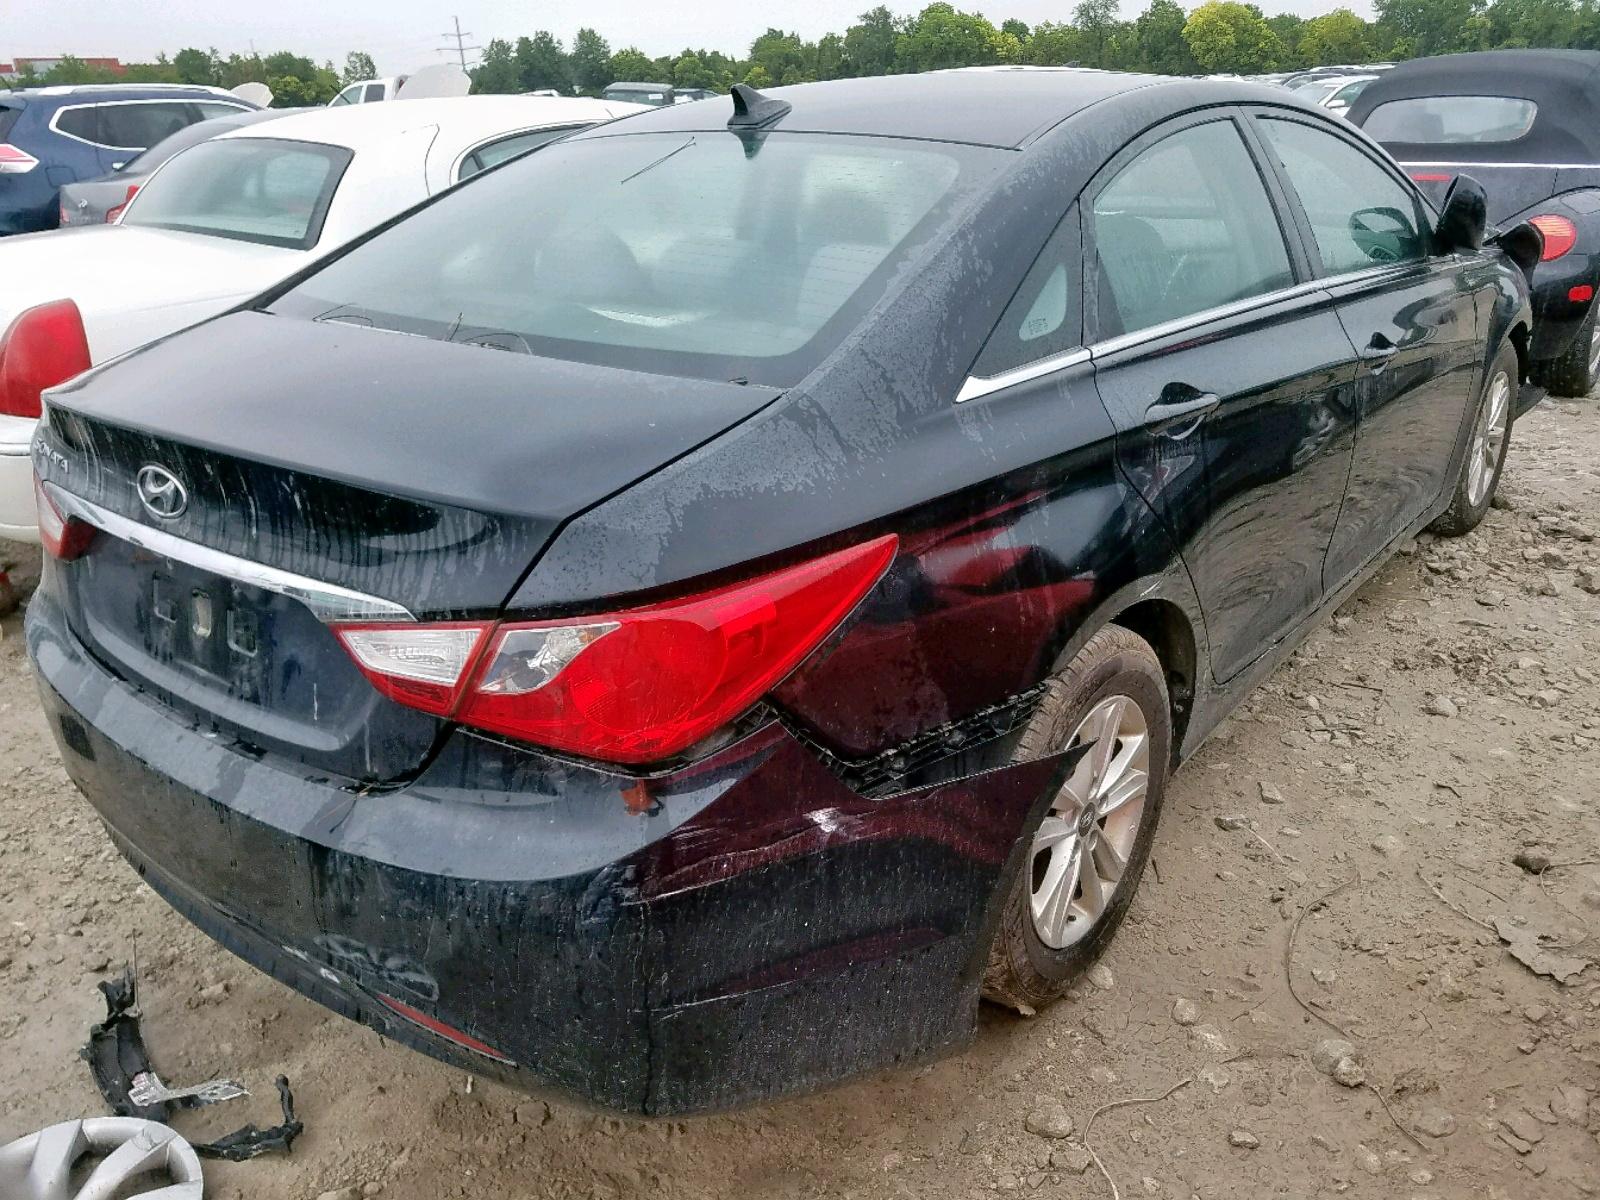 2013 Hyundai Sonata Gls 2.4L rear view